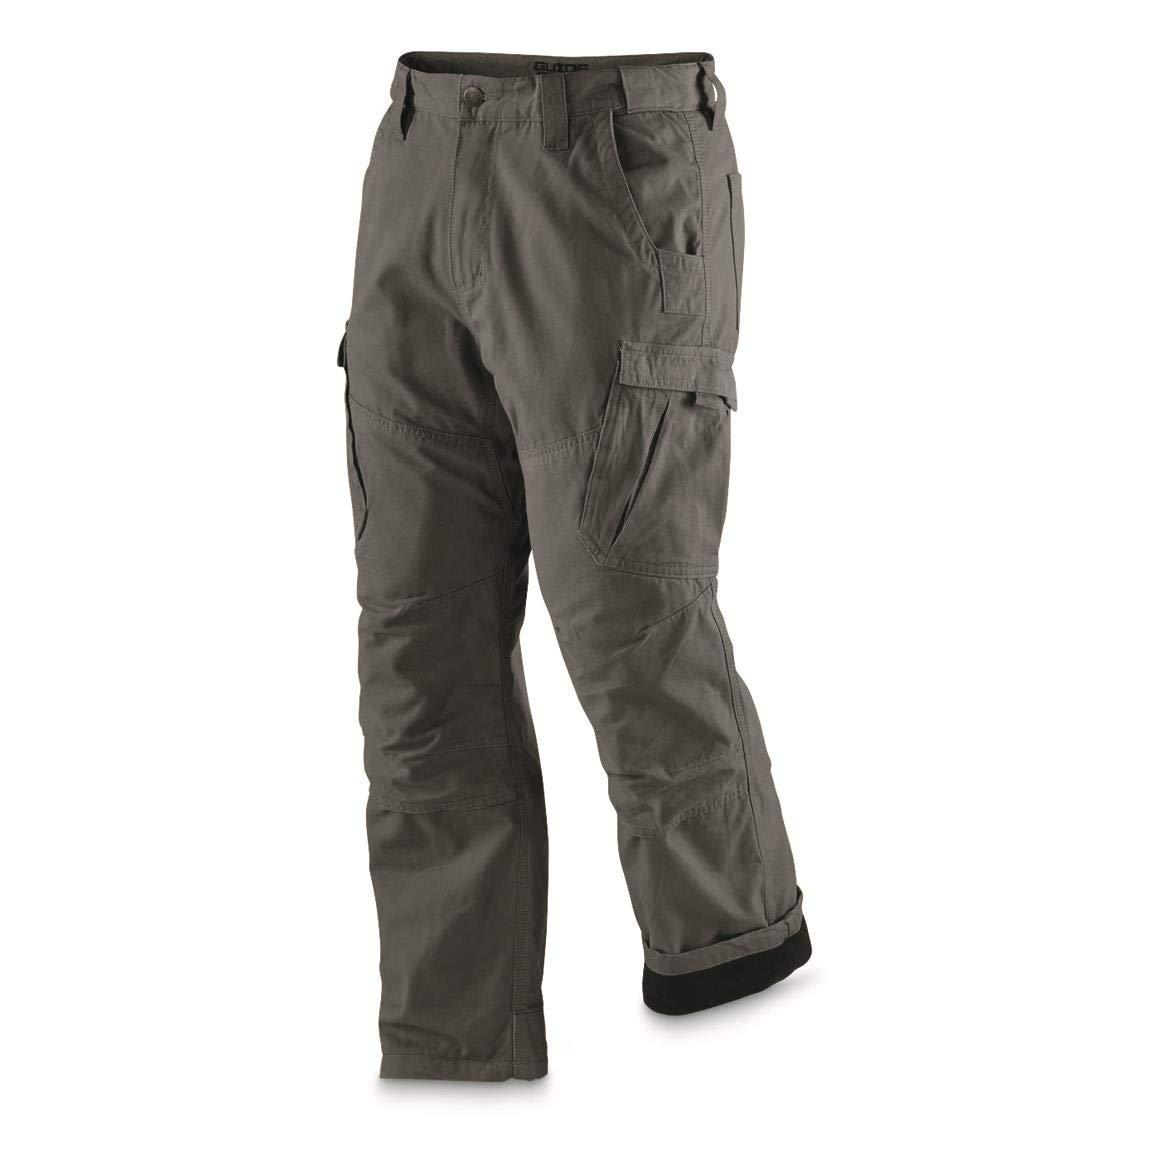 Guide Gear Men's Fleece-Lined Canvas Cargo Work Pants, Graphite Gray, W36 L34 by Guide Gear